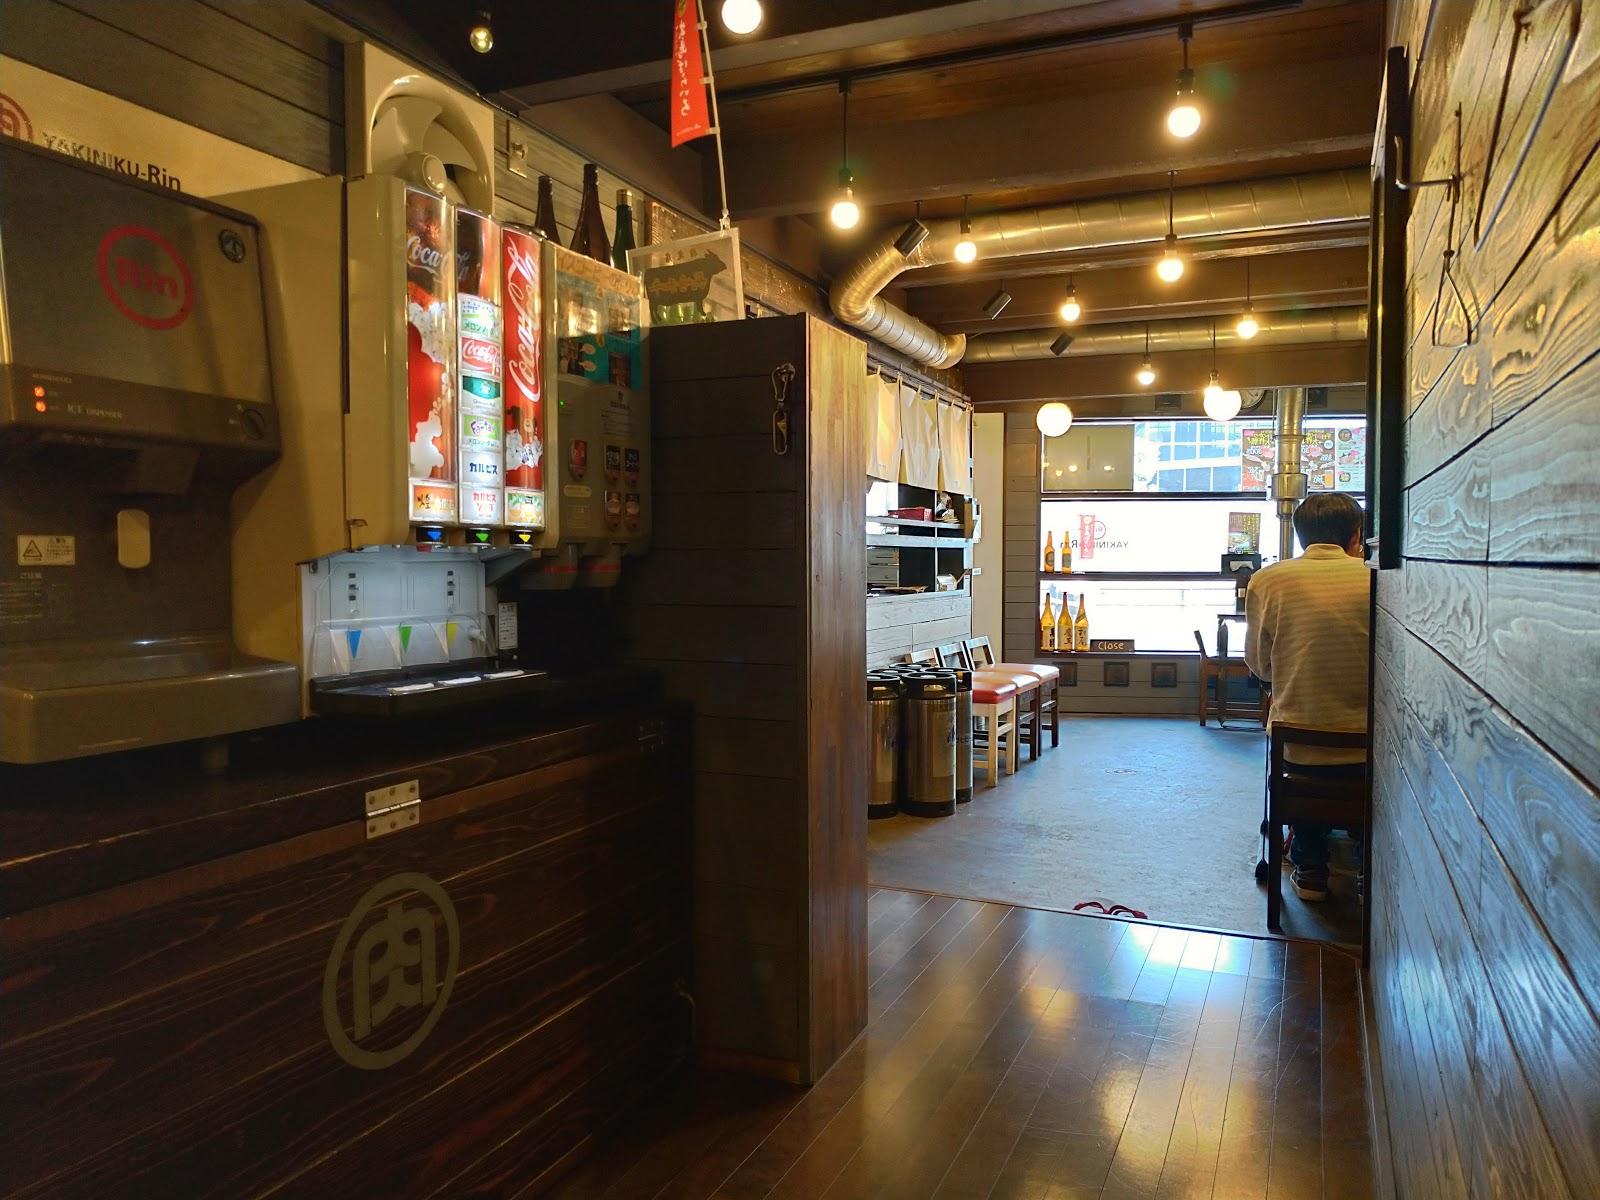 店内 長崎市の昼人気店 焼肉Rinでステーキランチはおすすめ